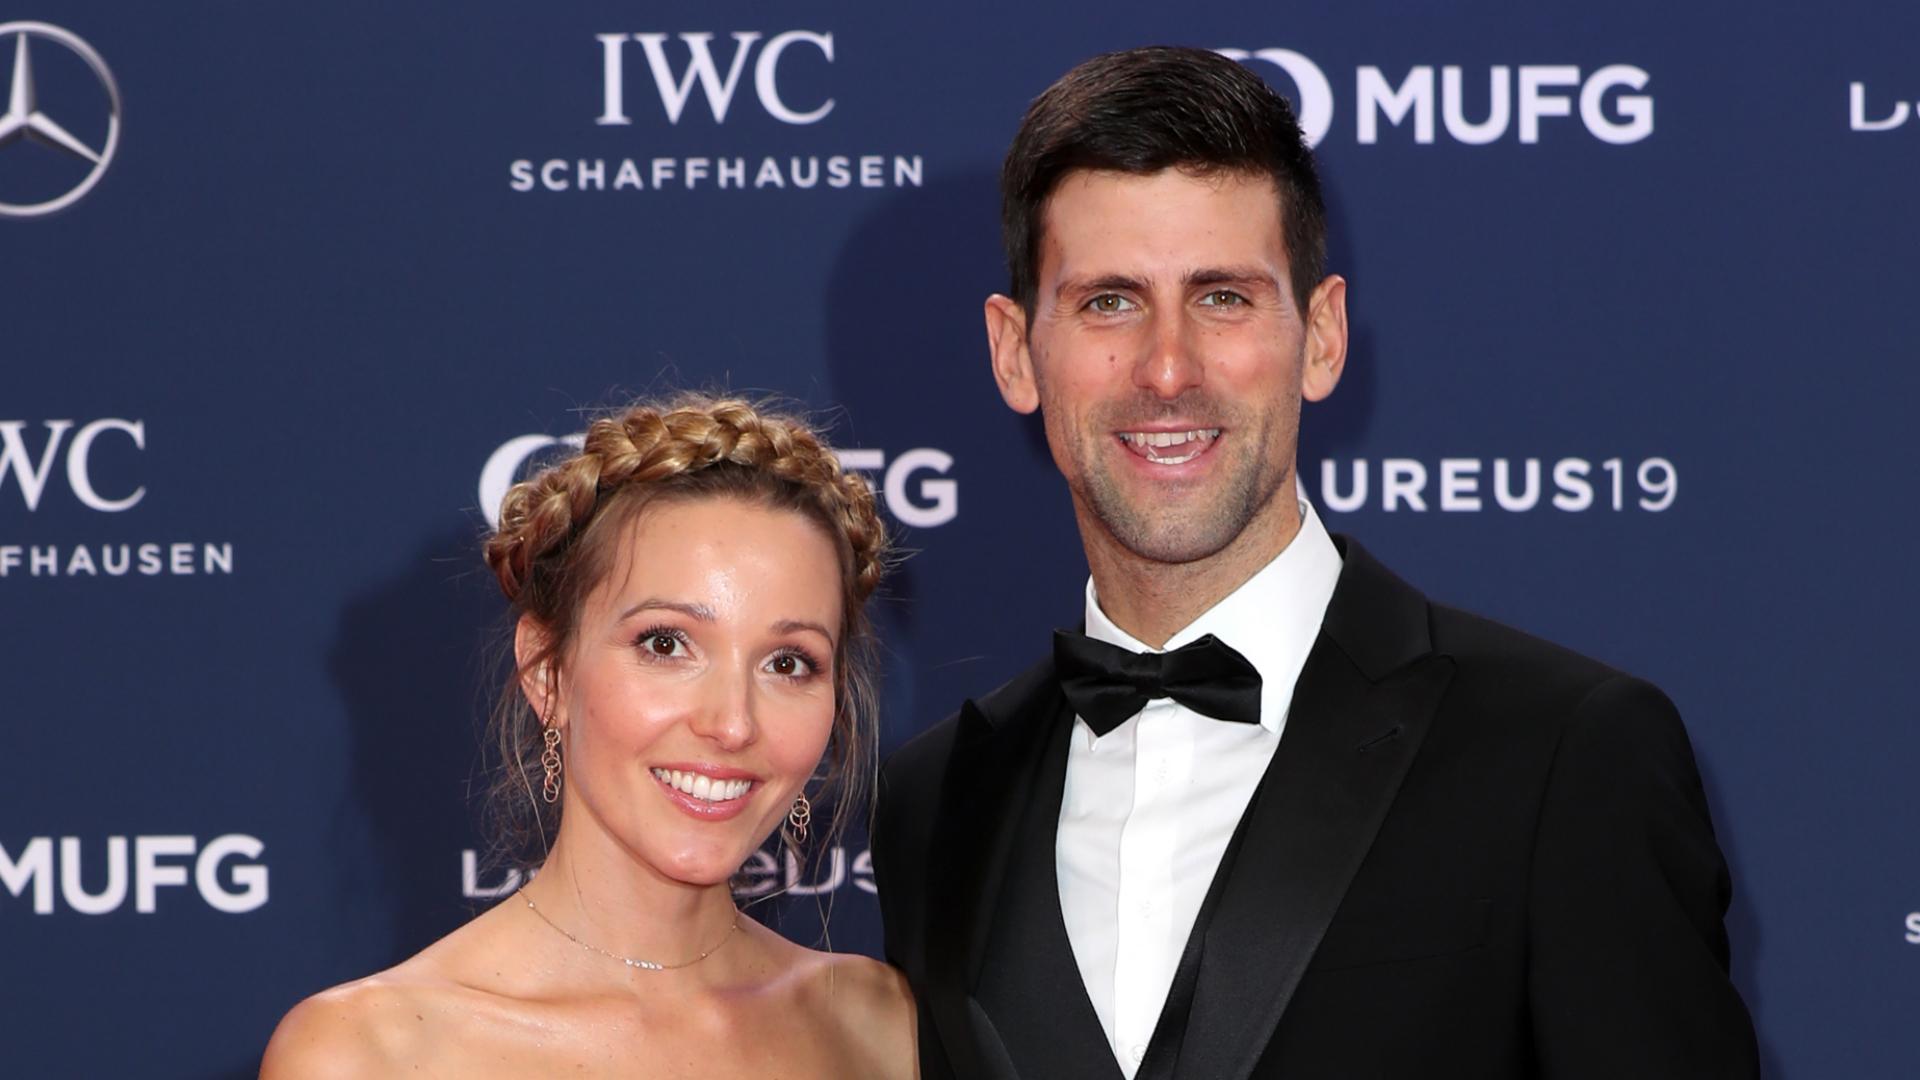 Jelena and Novak Djokovic - cropped